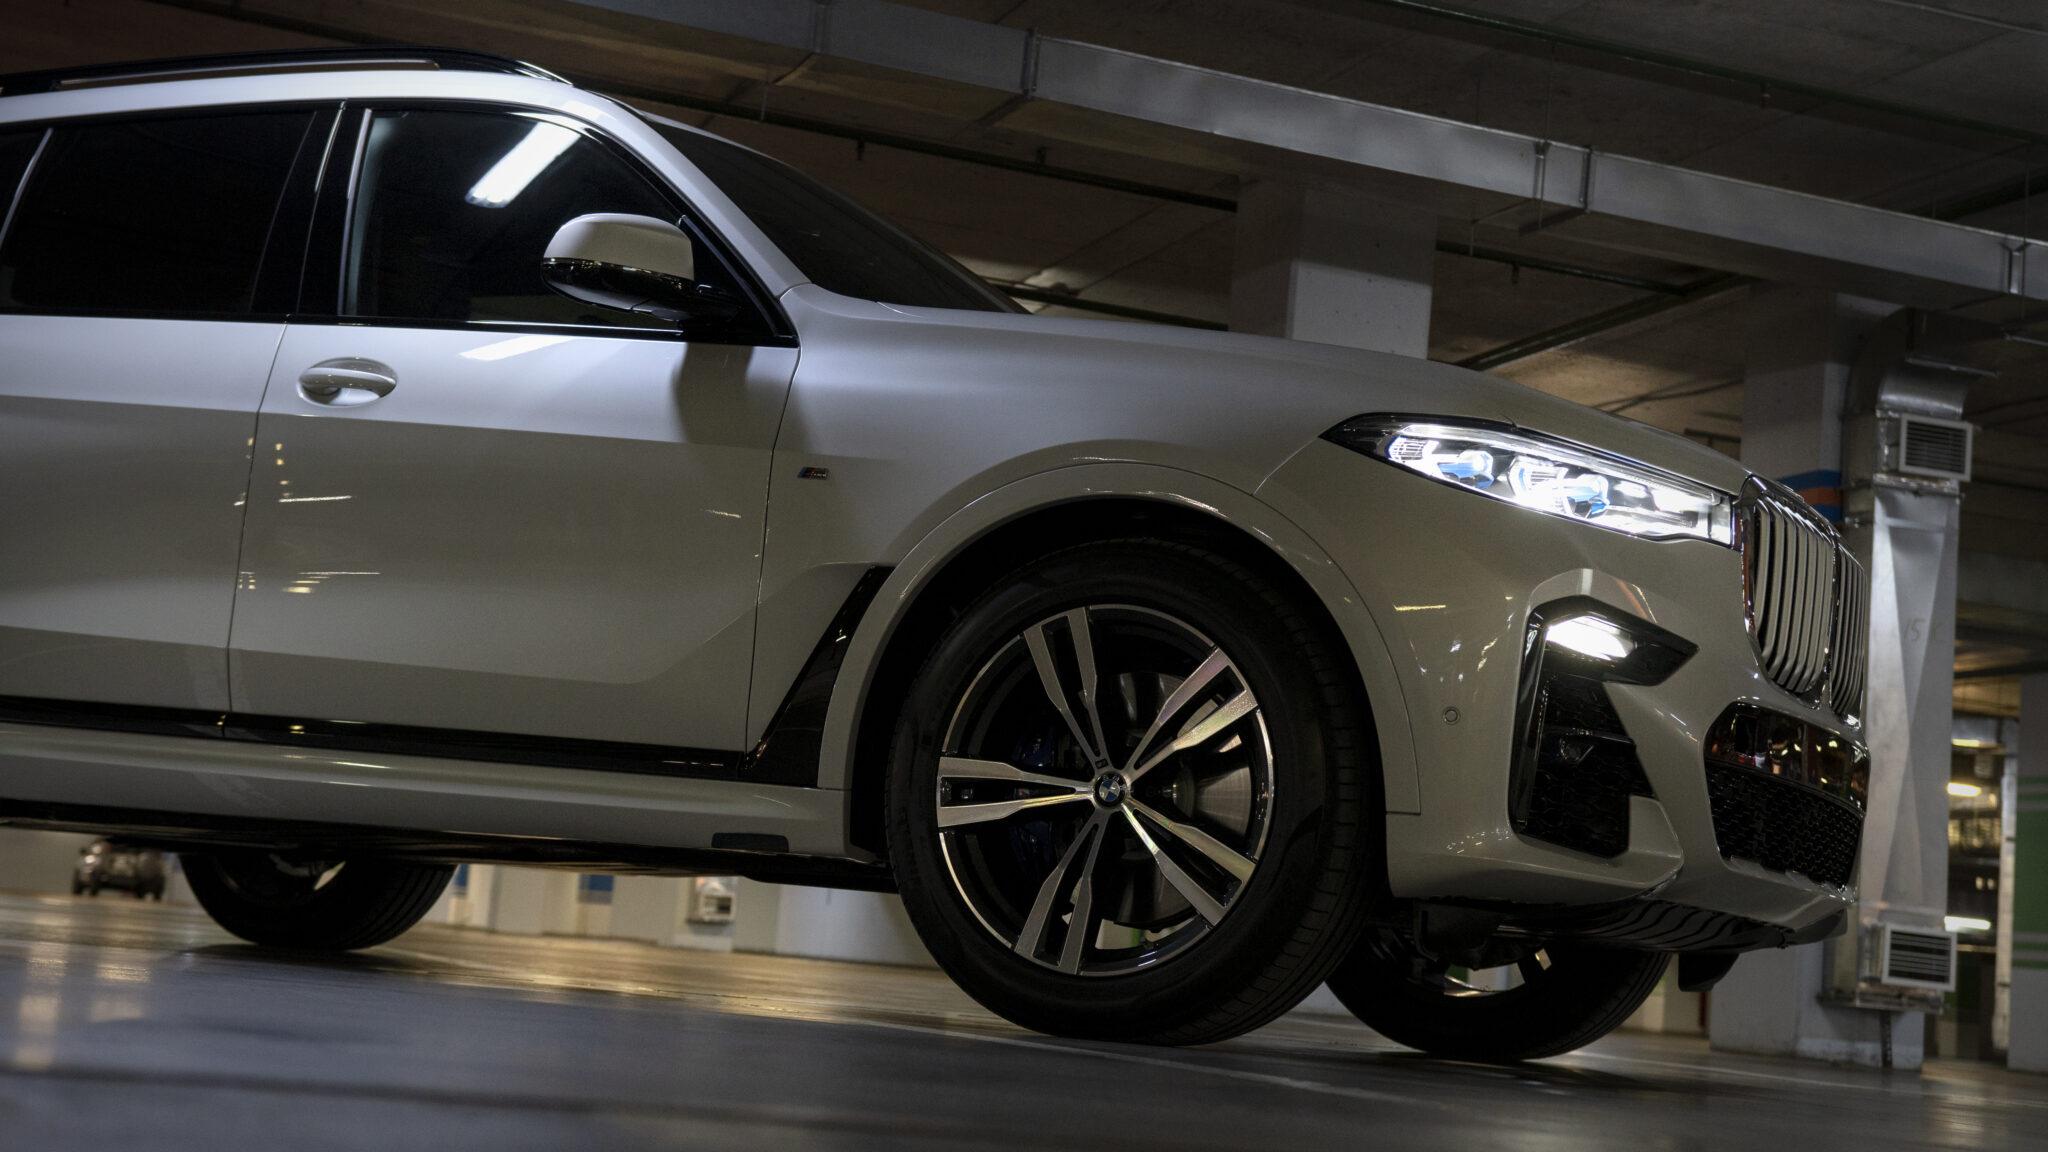 Оклейка кузова BMW X7 защитной пленкой